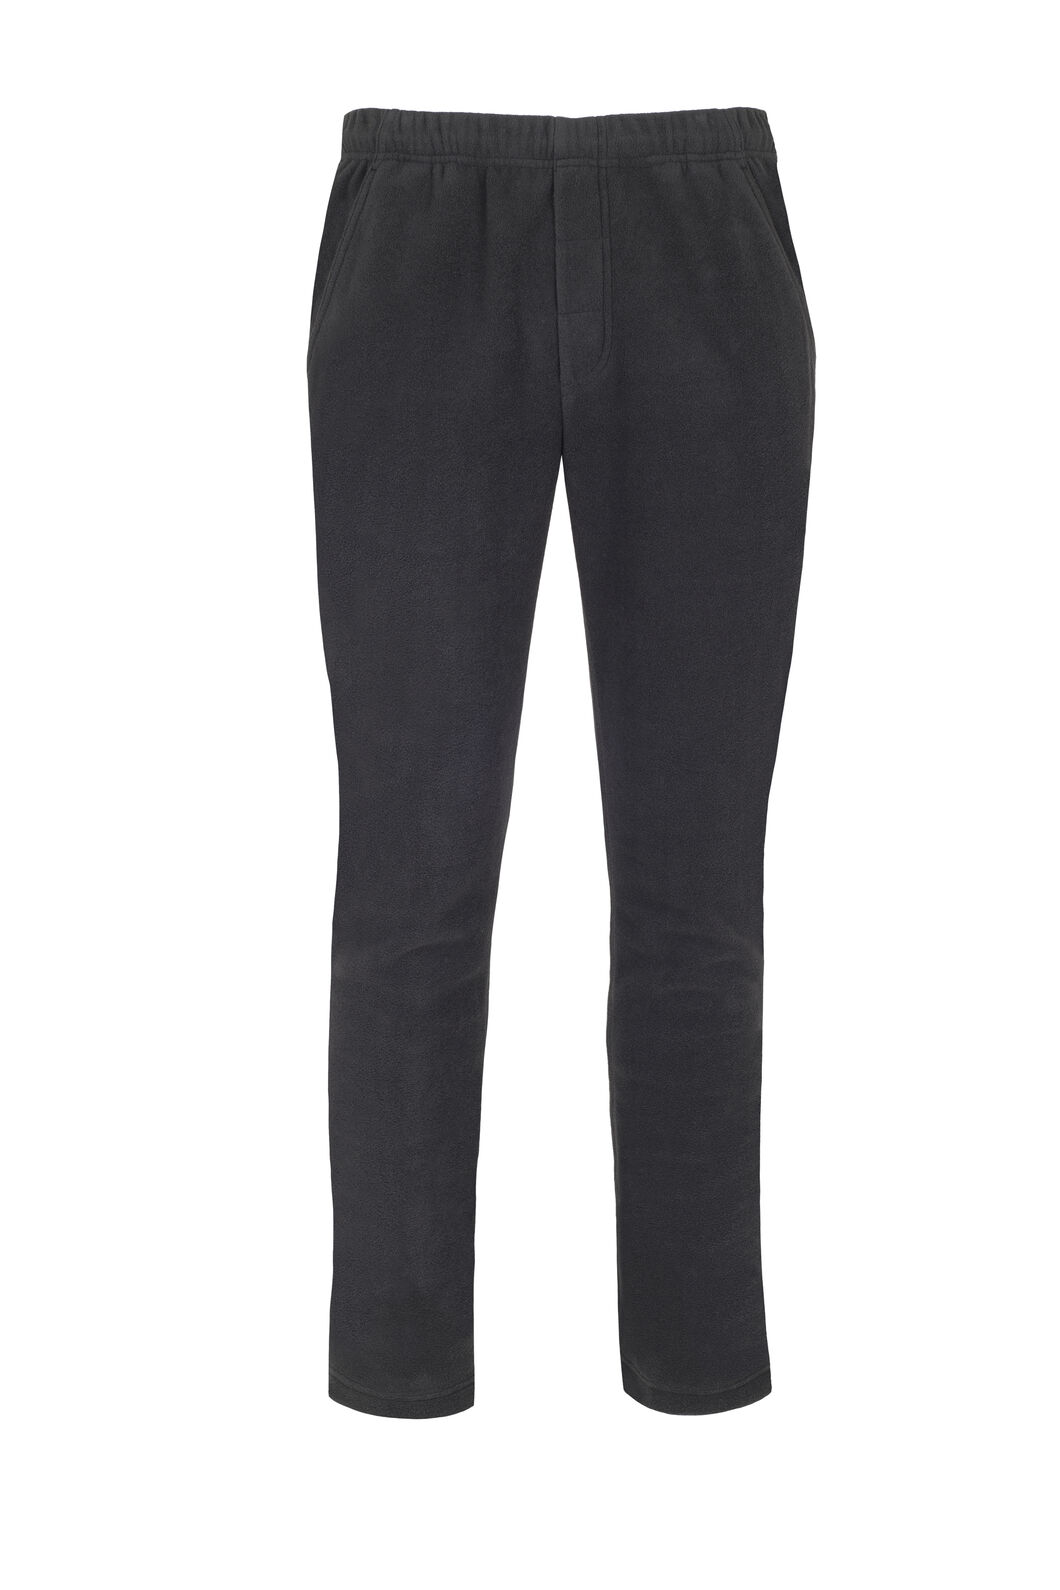 Macpac Kea Polartec® Micro Fleece® Pants - Men's, Black, hi-res